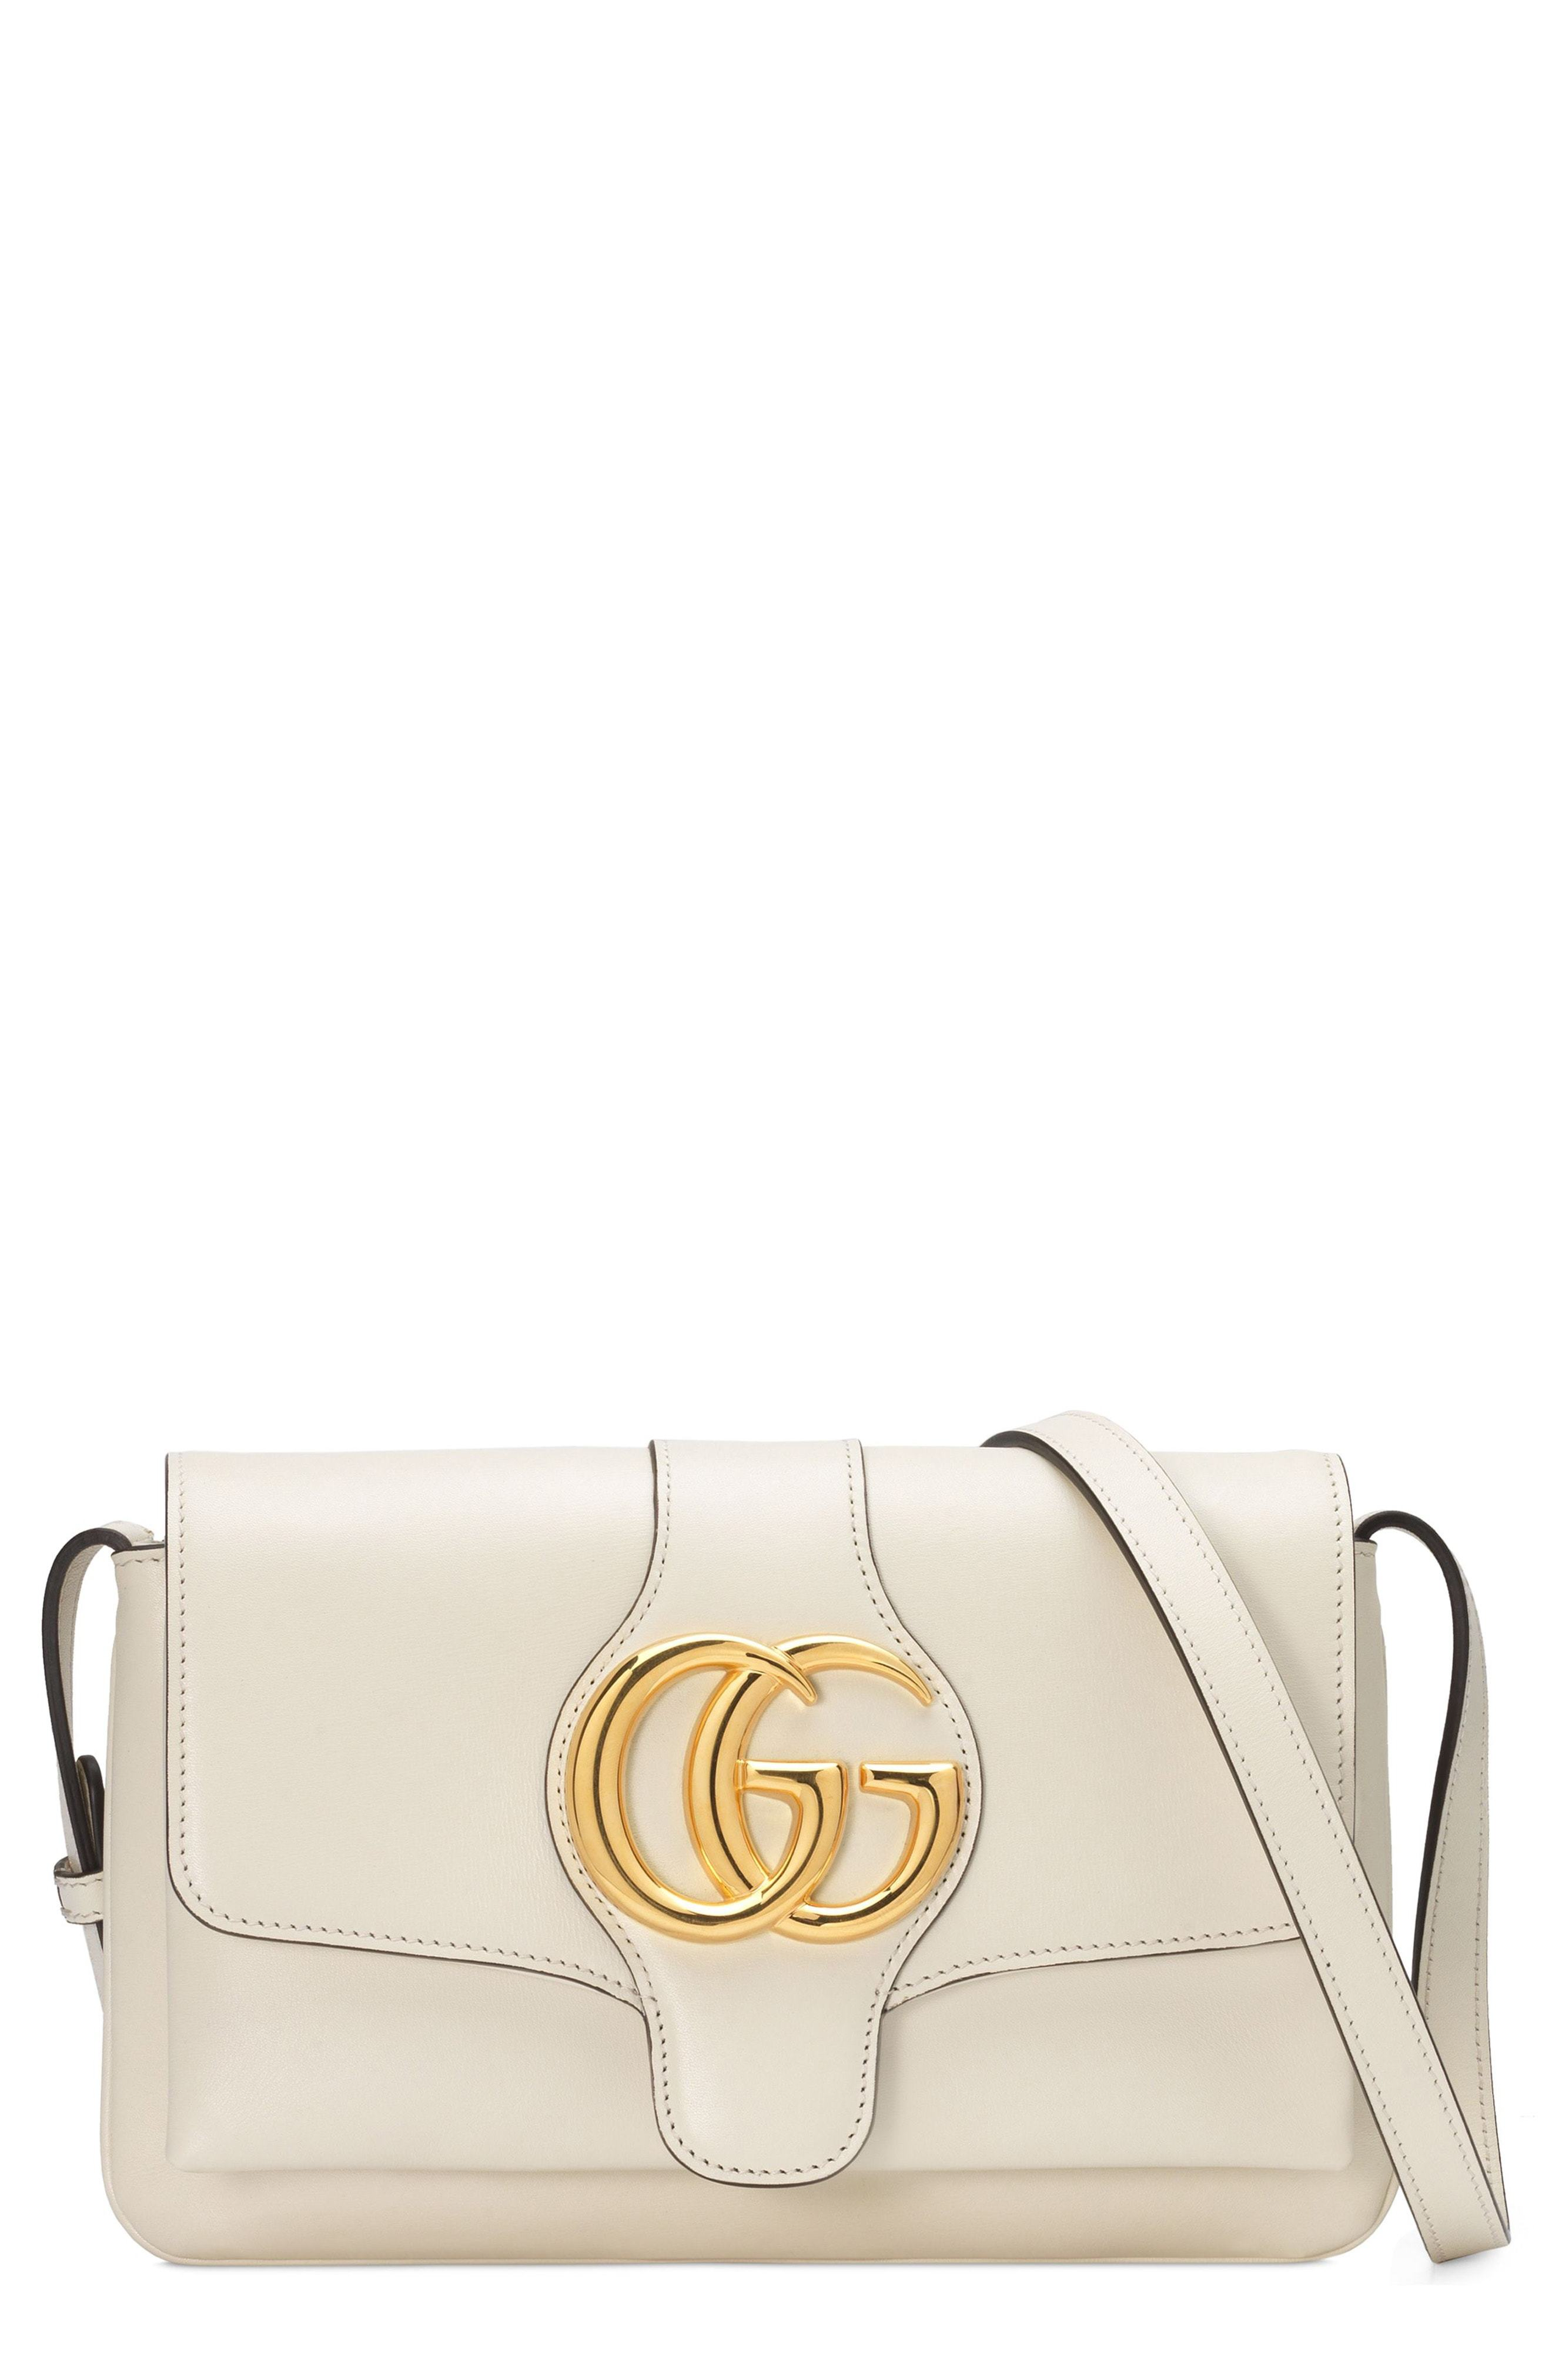 129d2a3bcbff82 Gucci Small Arli Convertible Shoulder Bag, $1,980 | Nordstrom ...